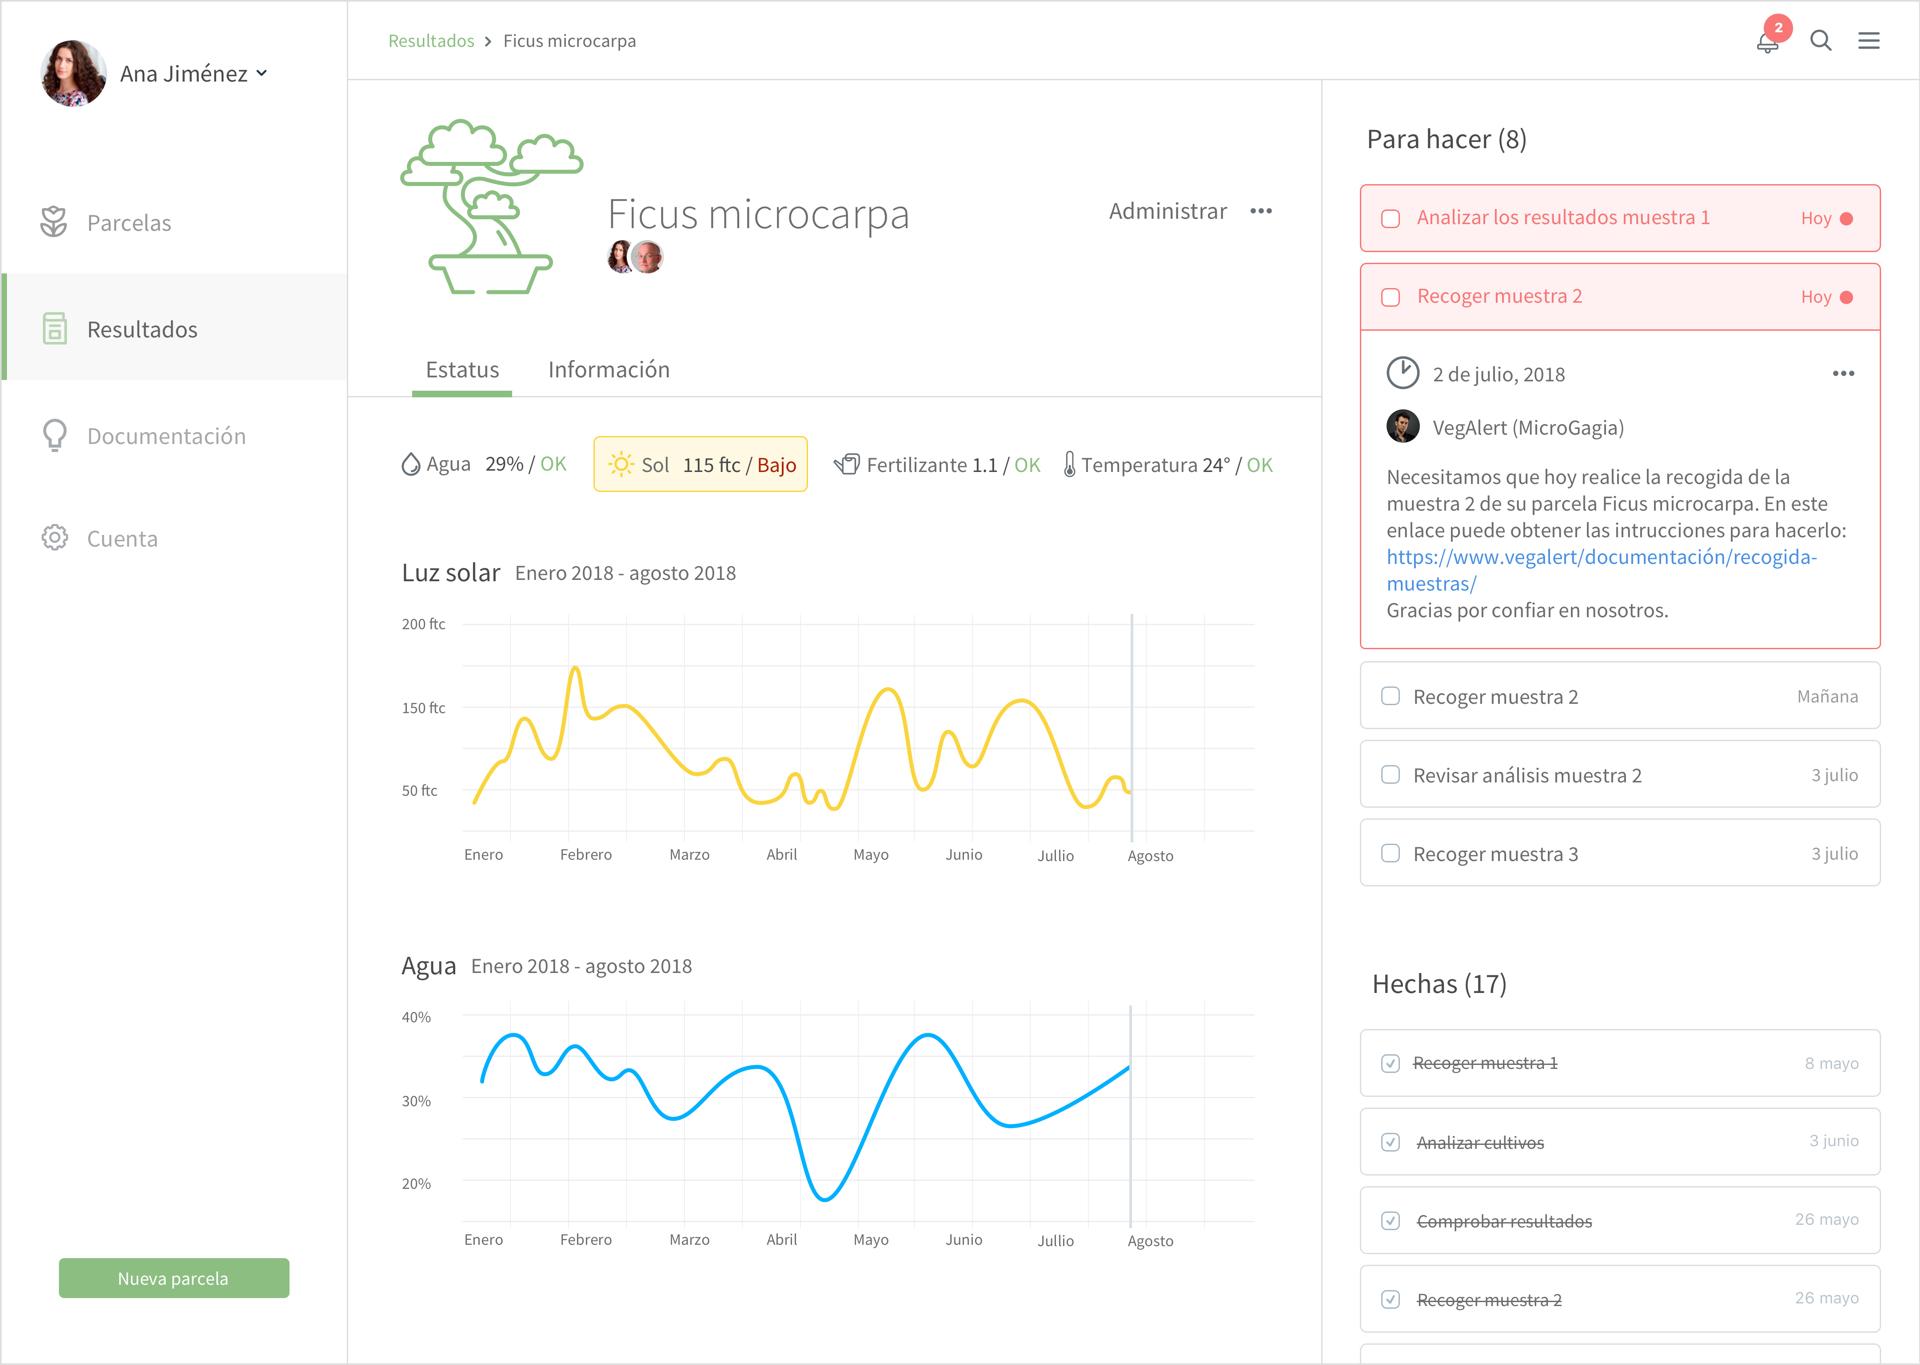 Dashboard desktop de la investigación y diseño UX de VegAlert